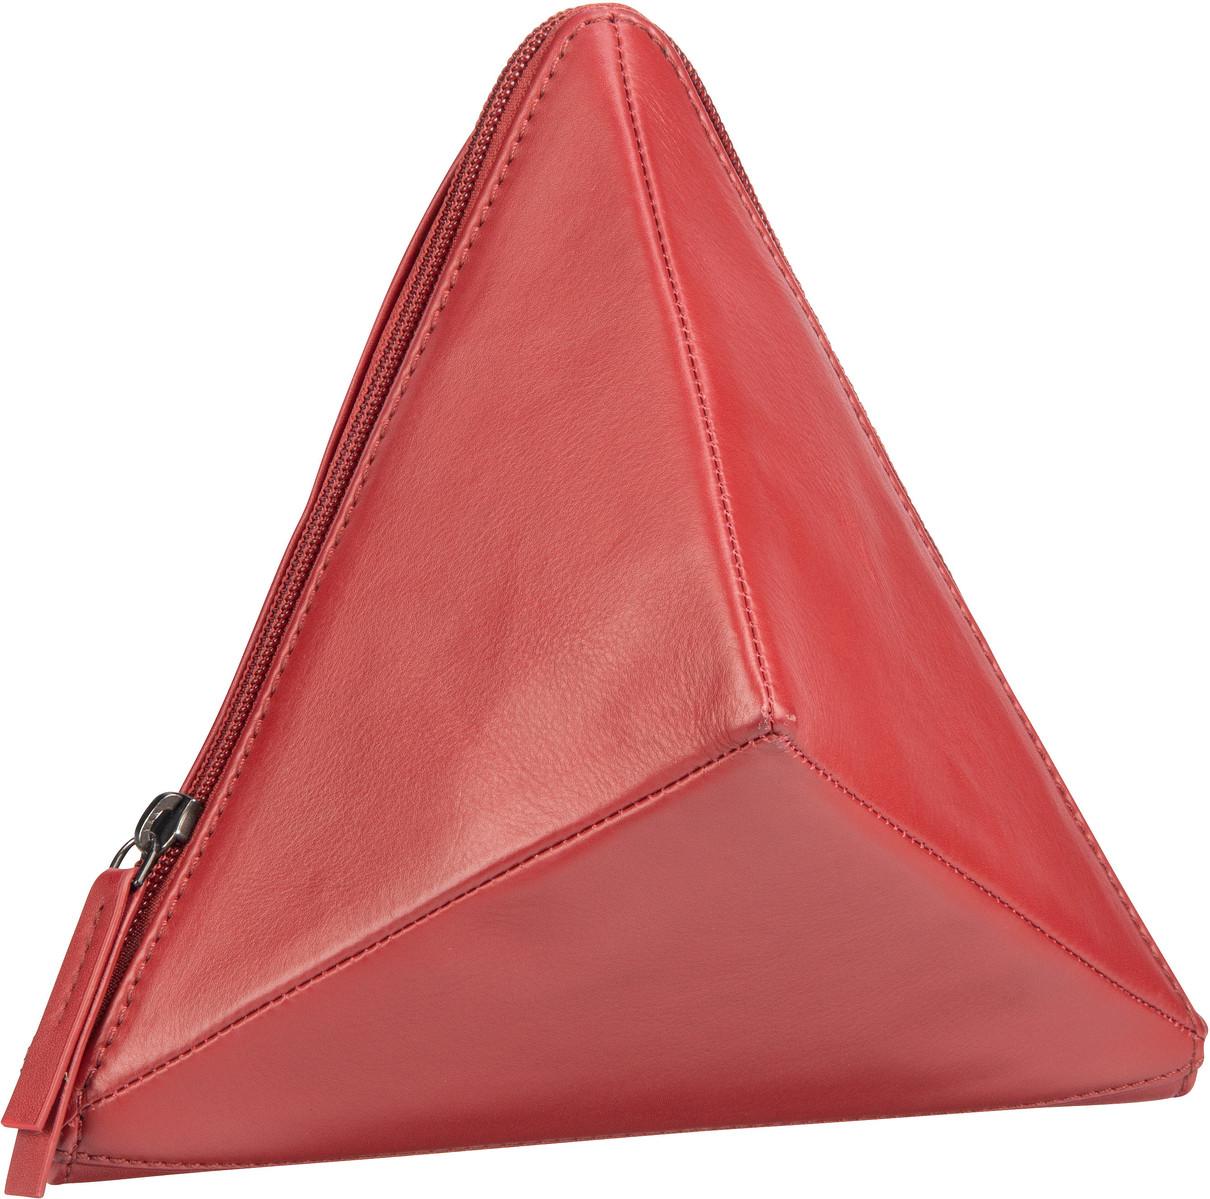 Handtasche Alice Sara Ott 6007 Clutch 2 Rot